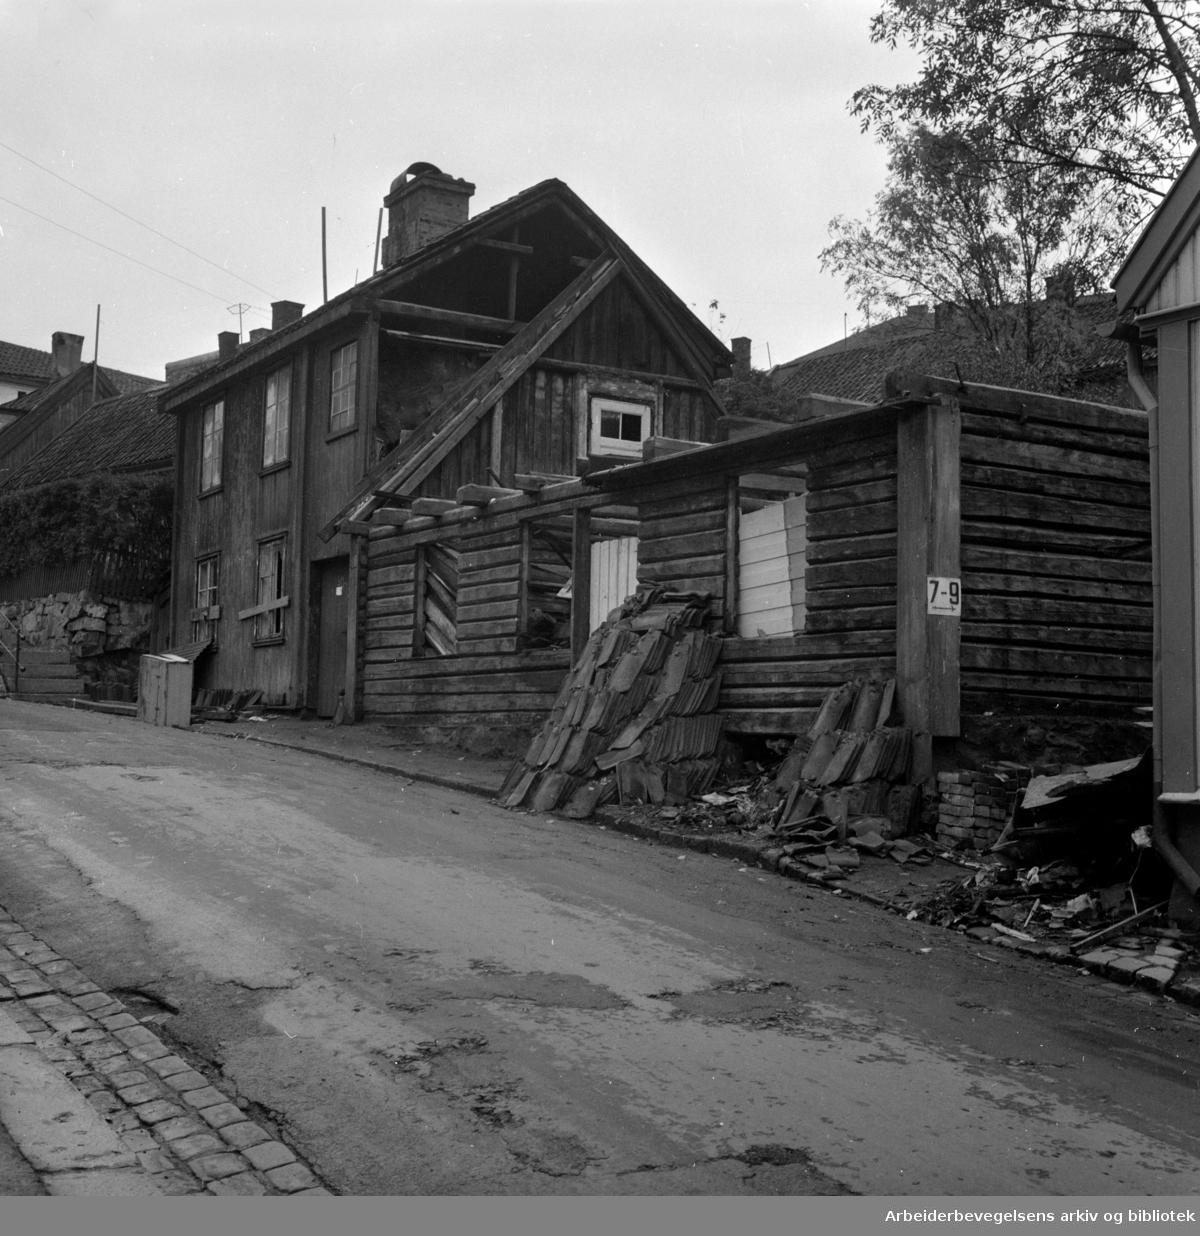 Hus på Enerhaugen og Grønland rives, oktober 1958.